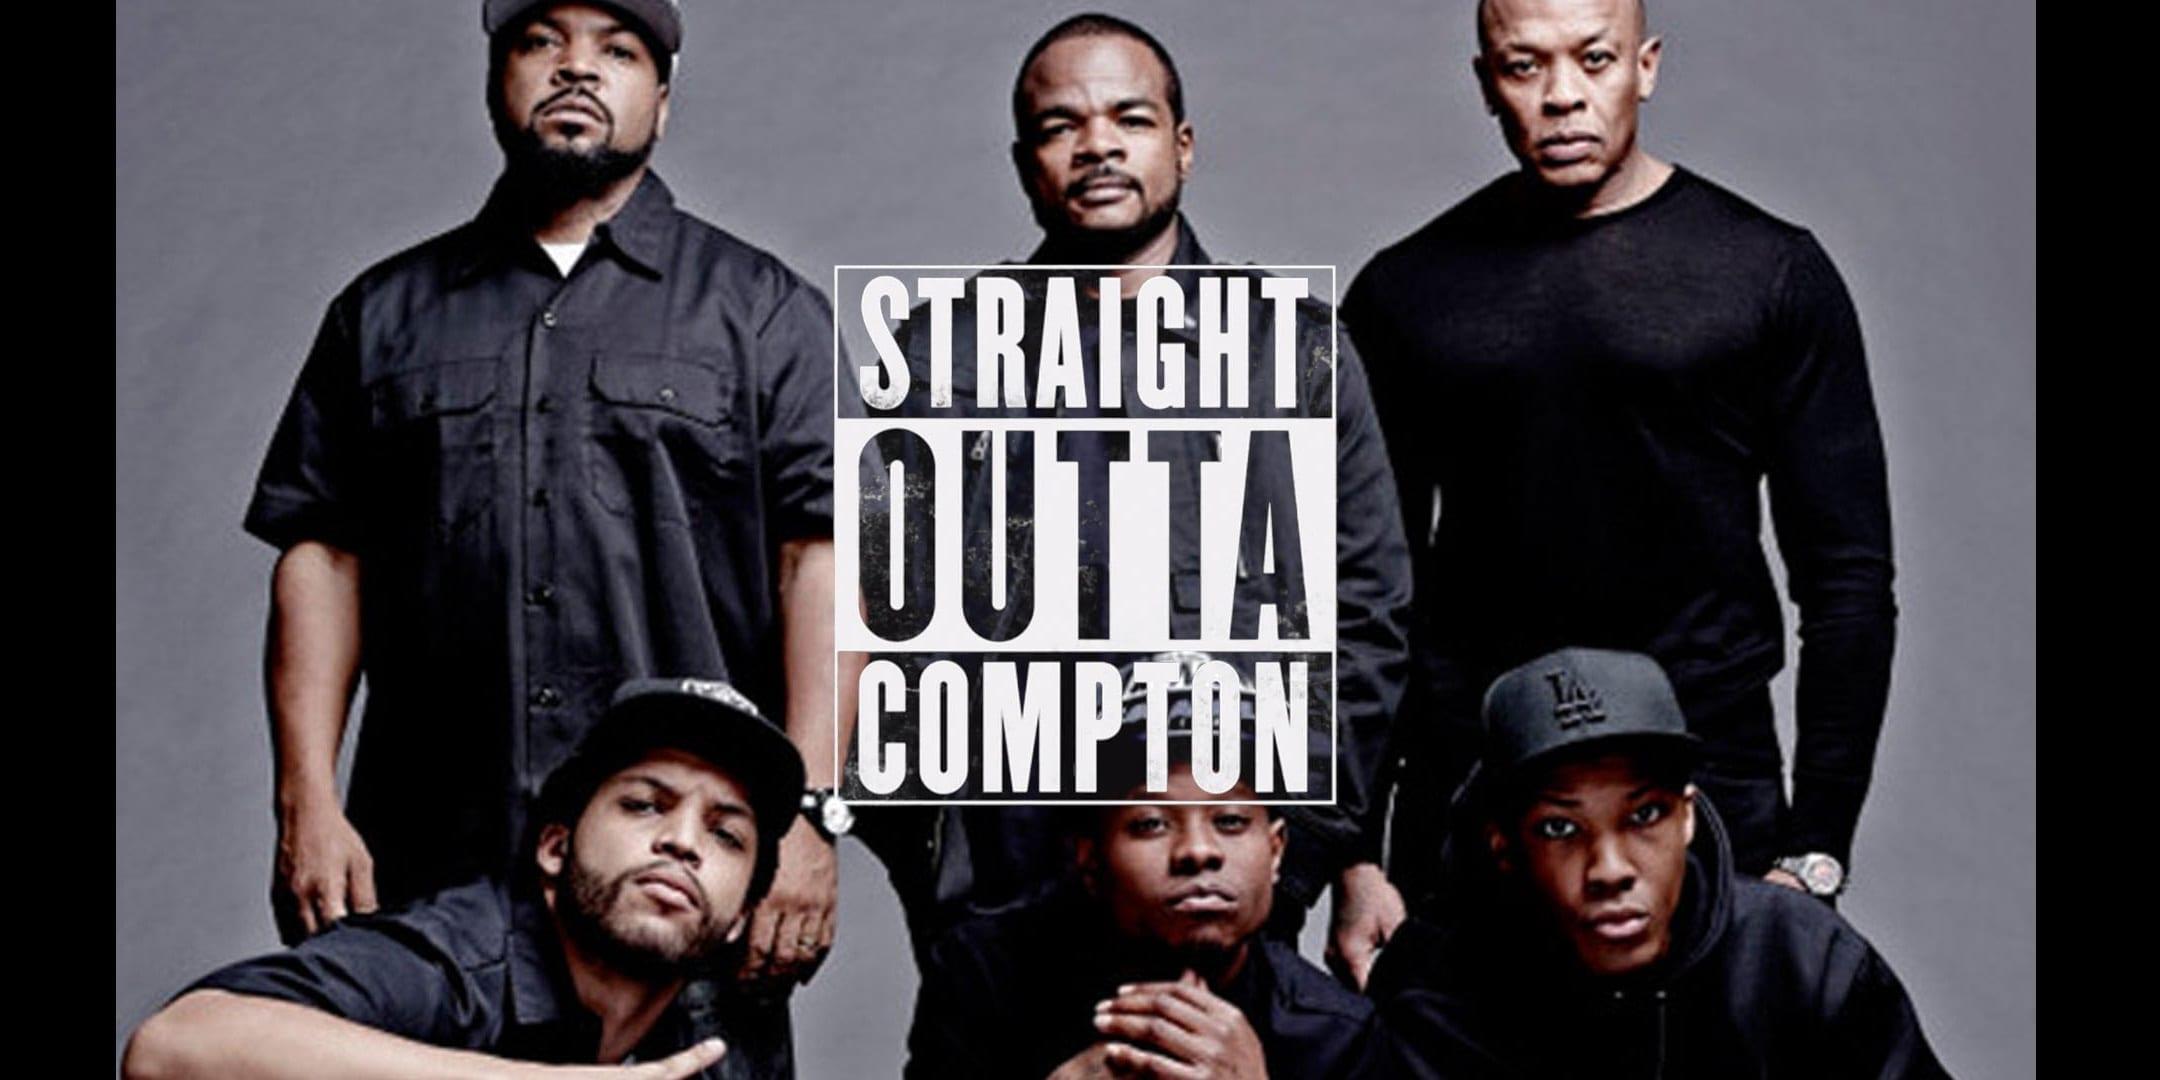 straight-outta-compton-movie-2015